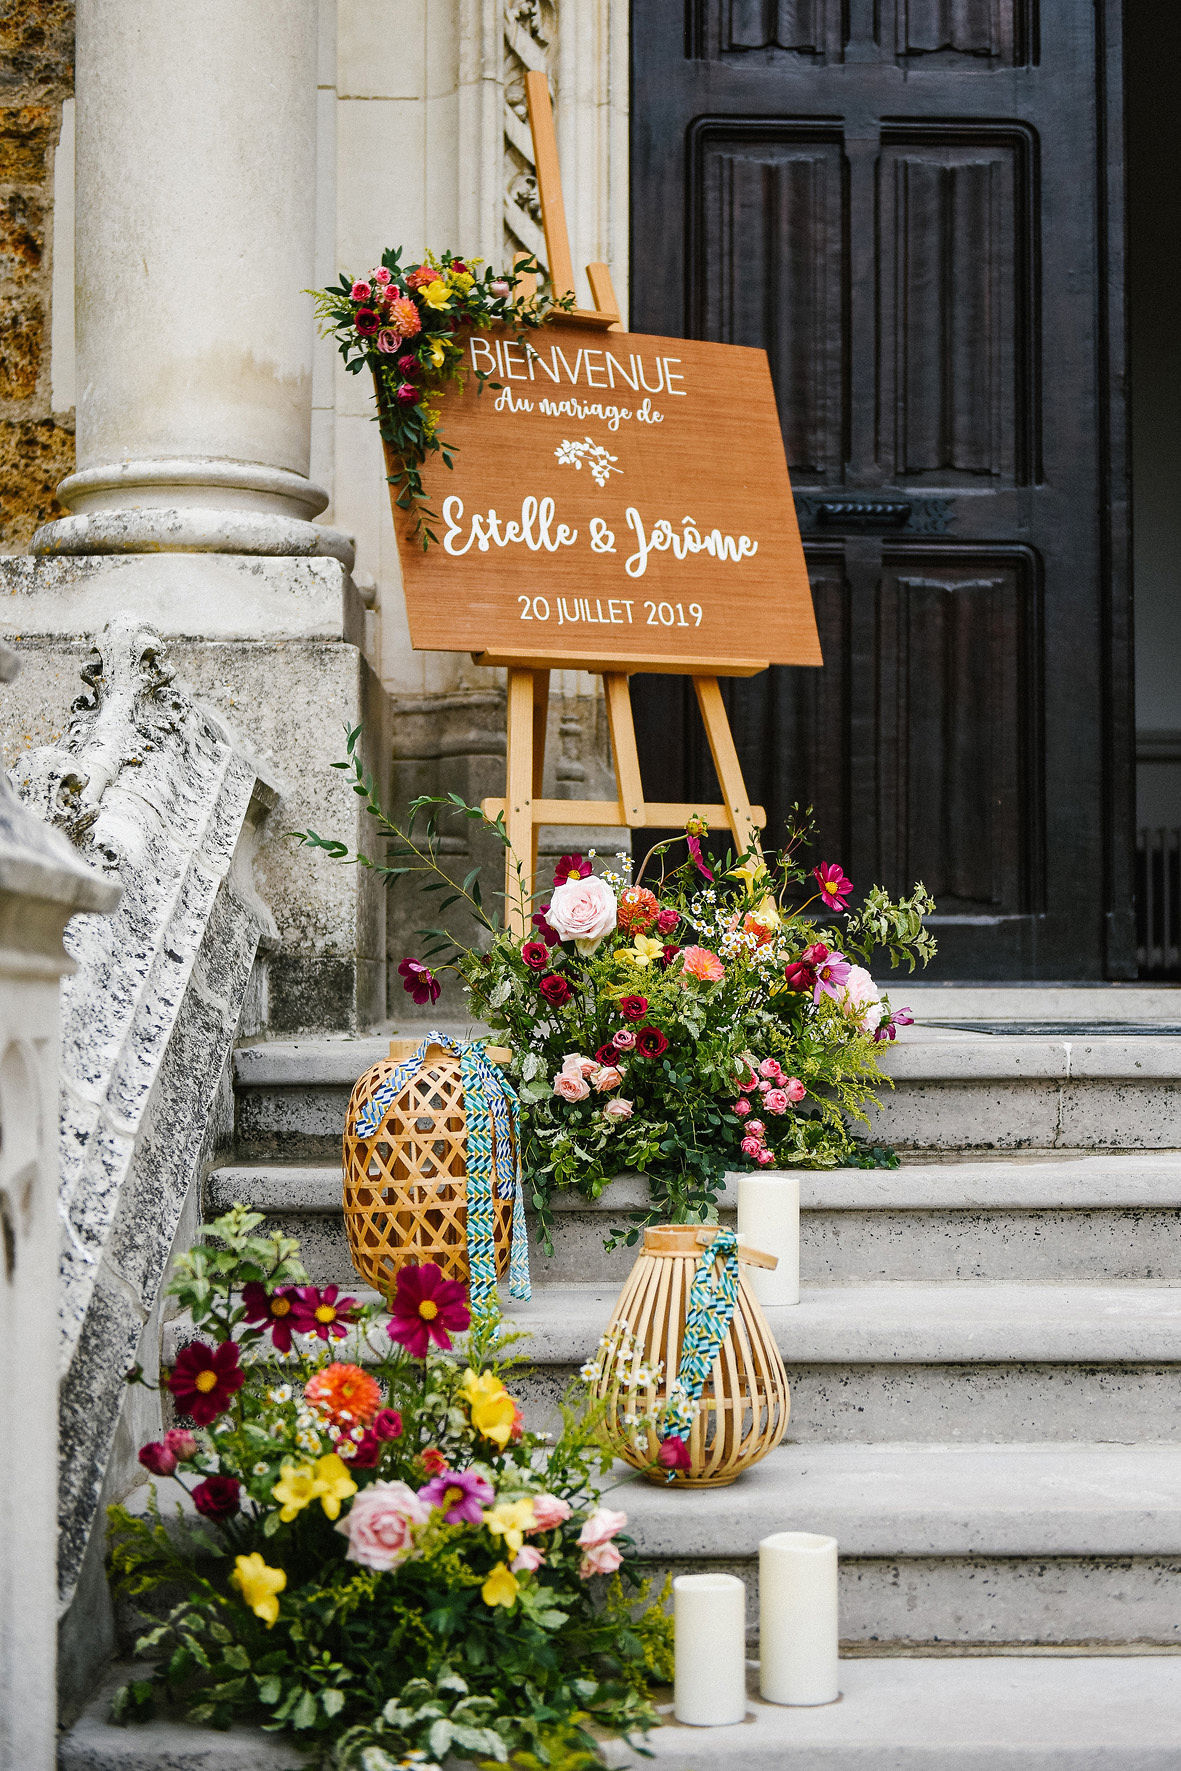 mariage ethnique, signalétique, mariage décoratrice, wedding designer, décoration, wedding, panneau de bienvenue, atelier floral, fleurs,